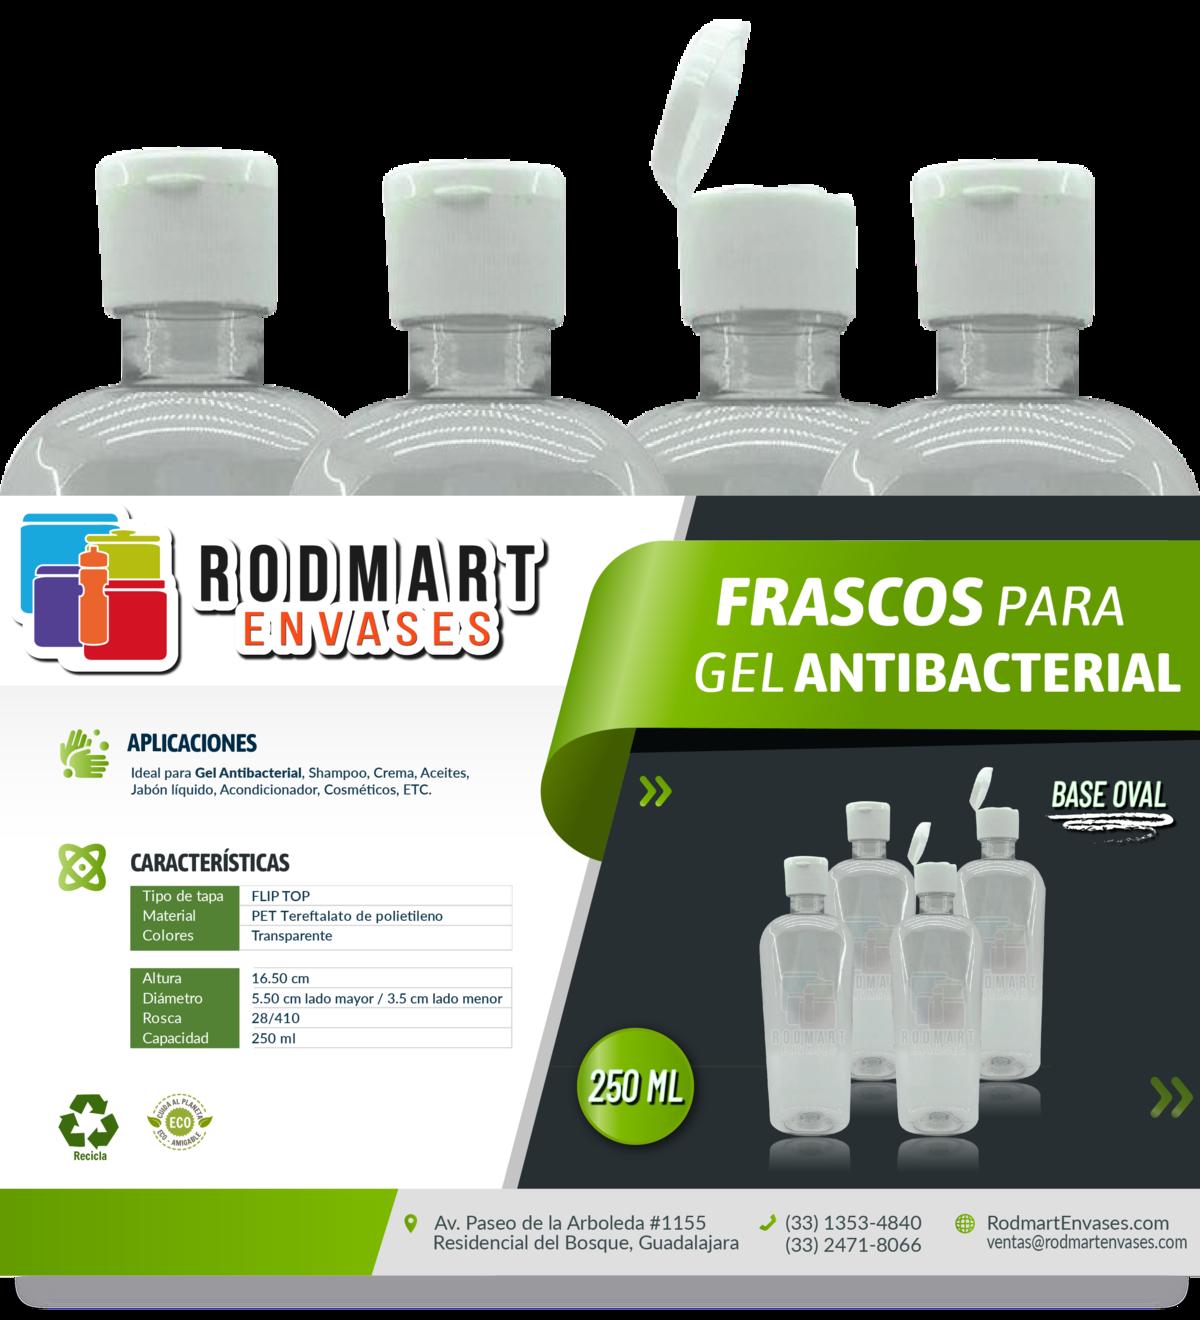 Frasco / Botella 250ml para Gel Antibacterial